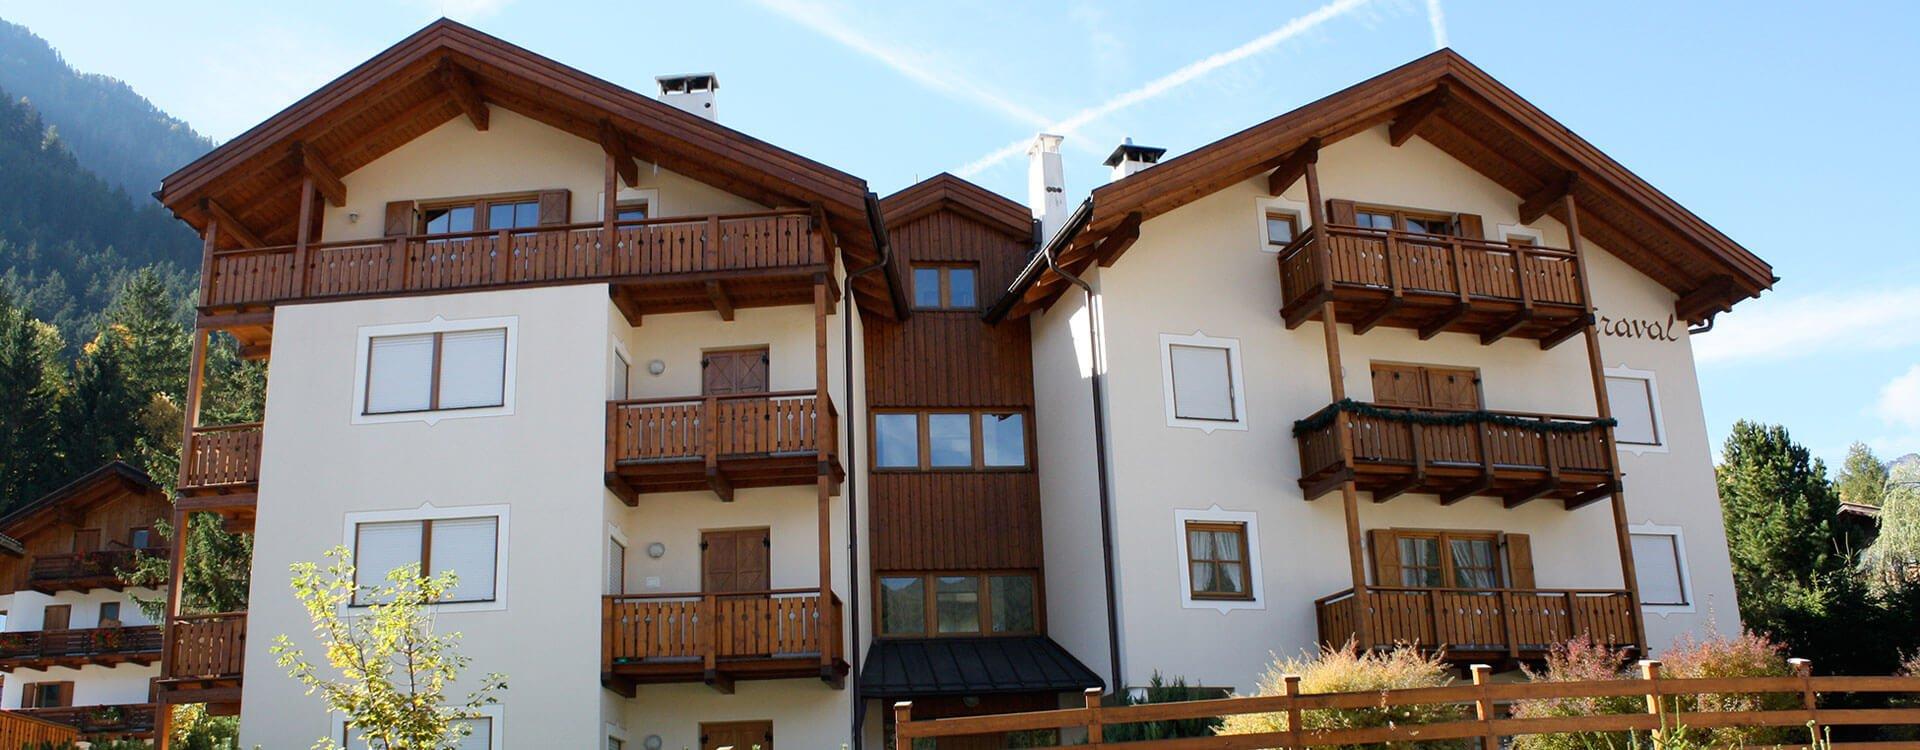 Apartment Miraval